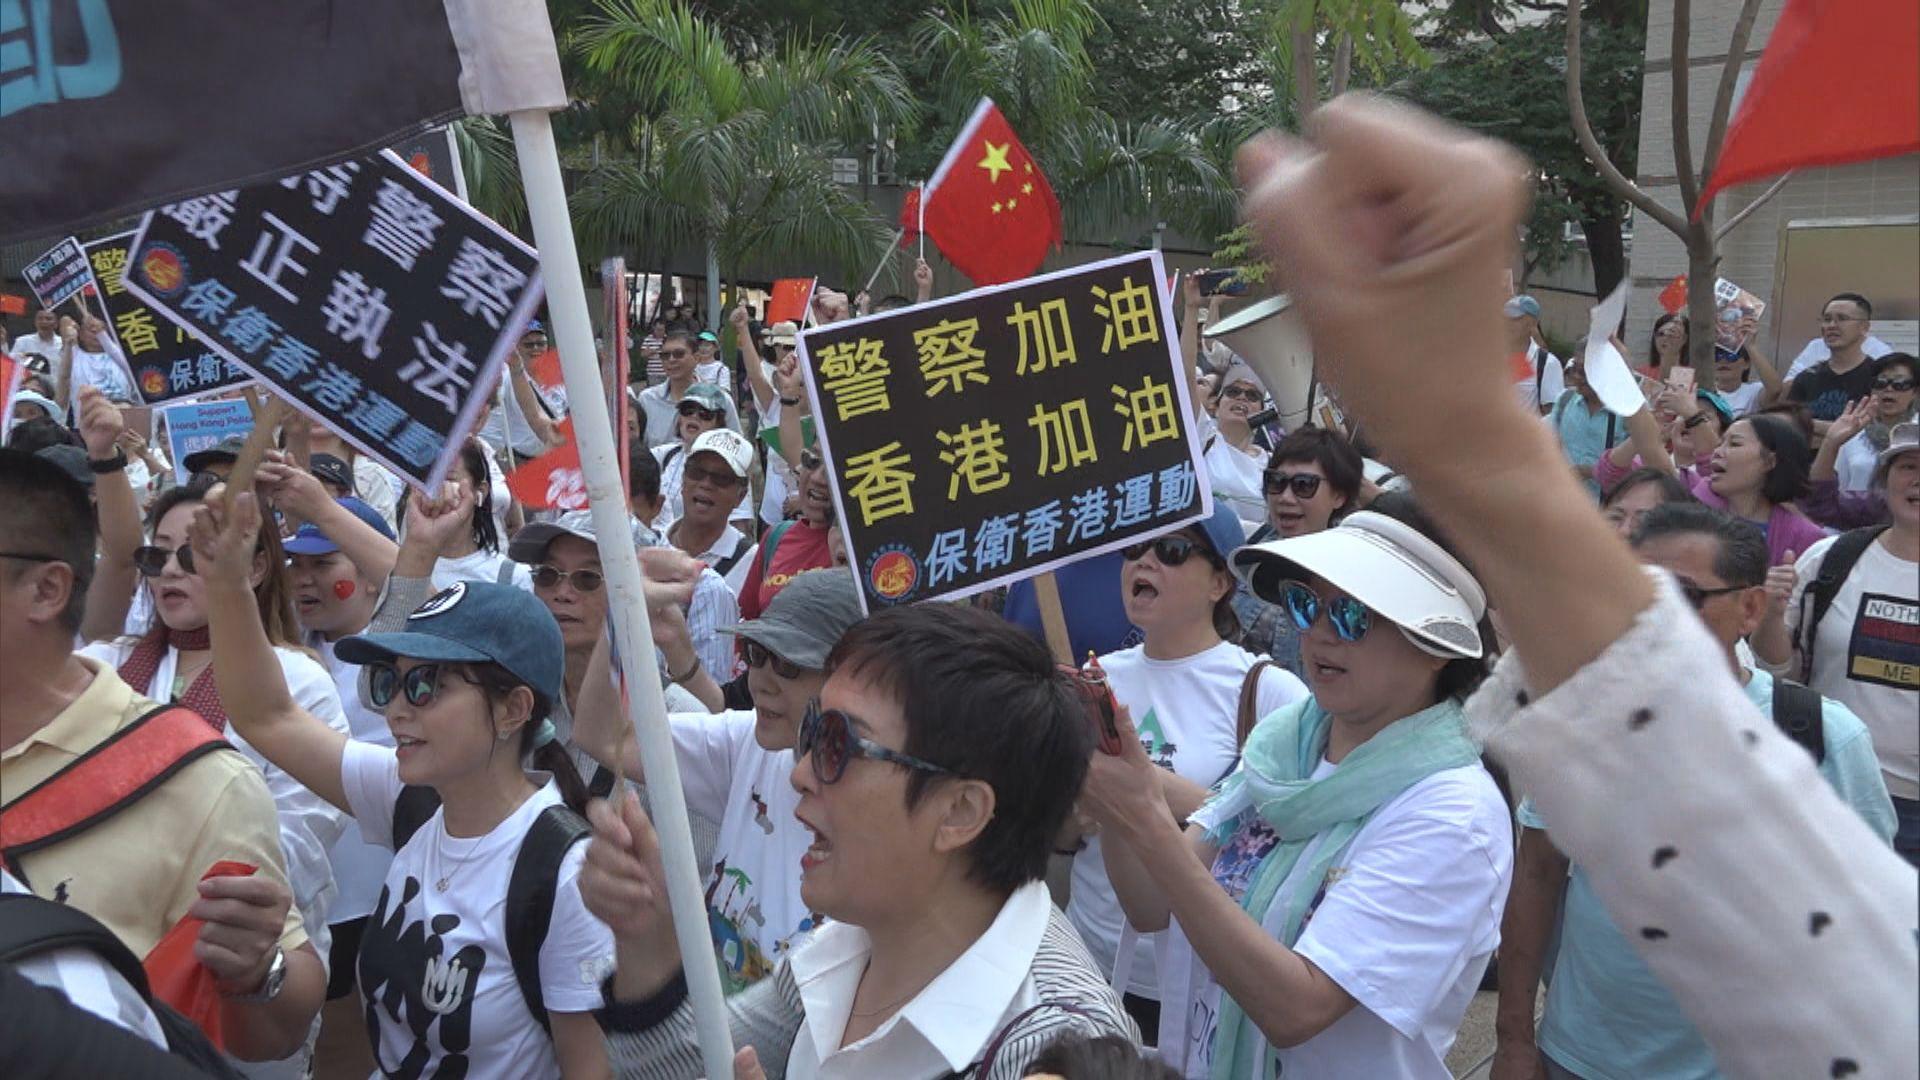 幾百名市民遊行集會支持警察